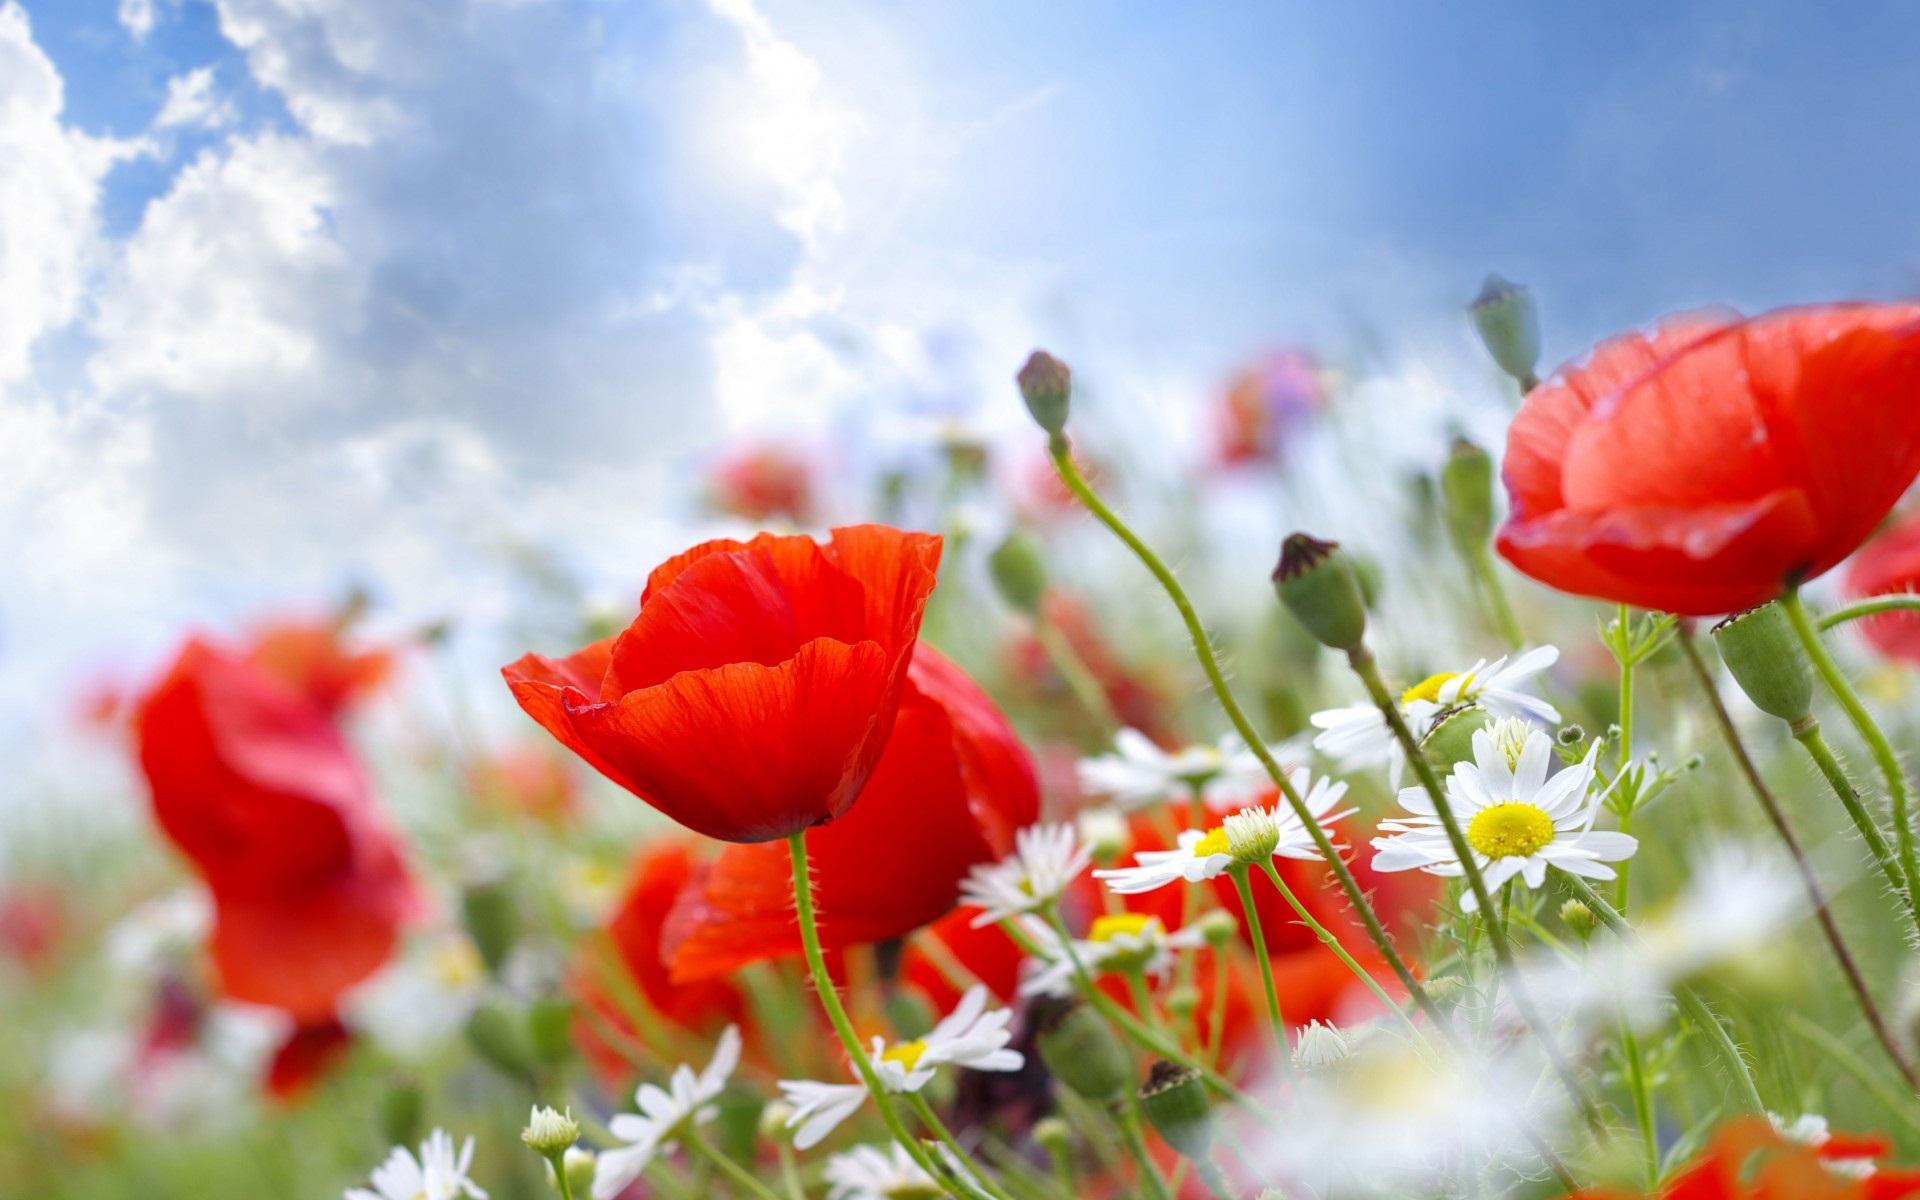 http://centrumrafael.sk/wp-content/uploads/2013/05/Summer-Flowers.jpg